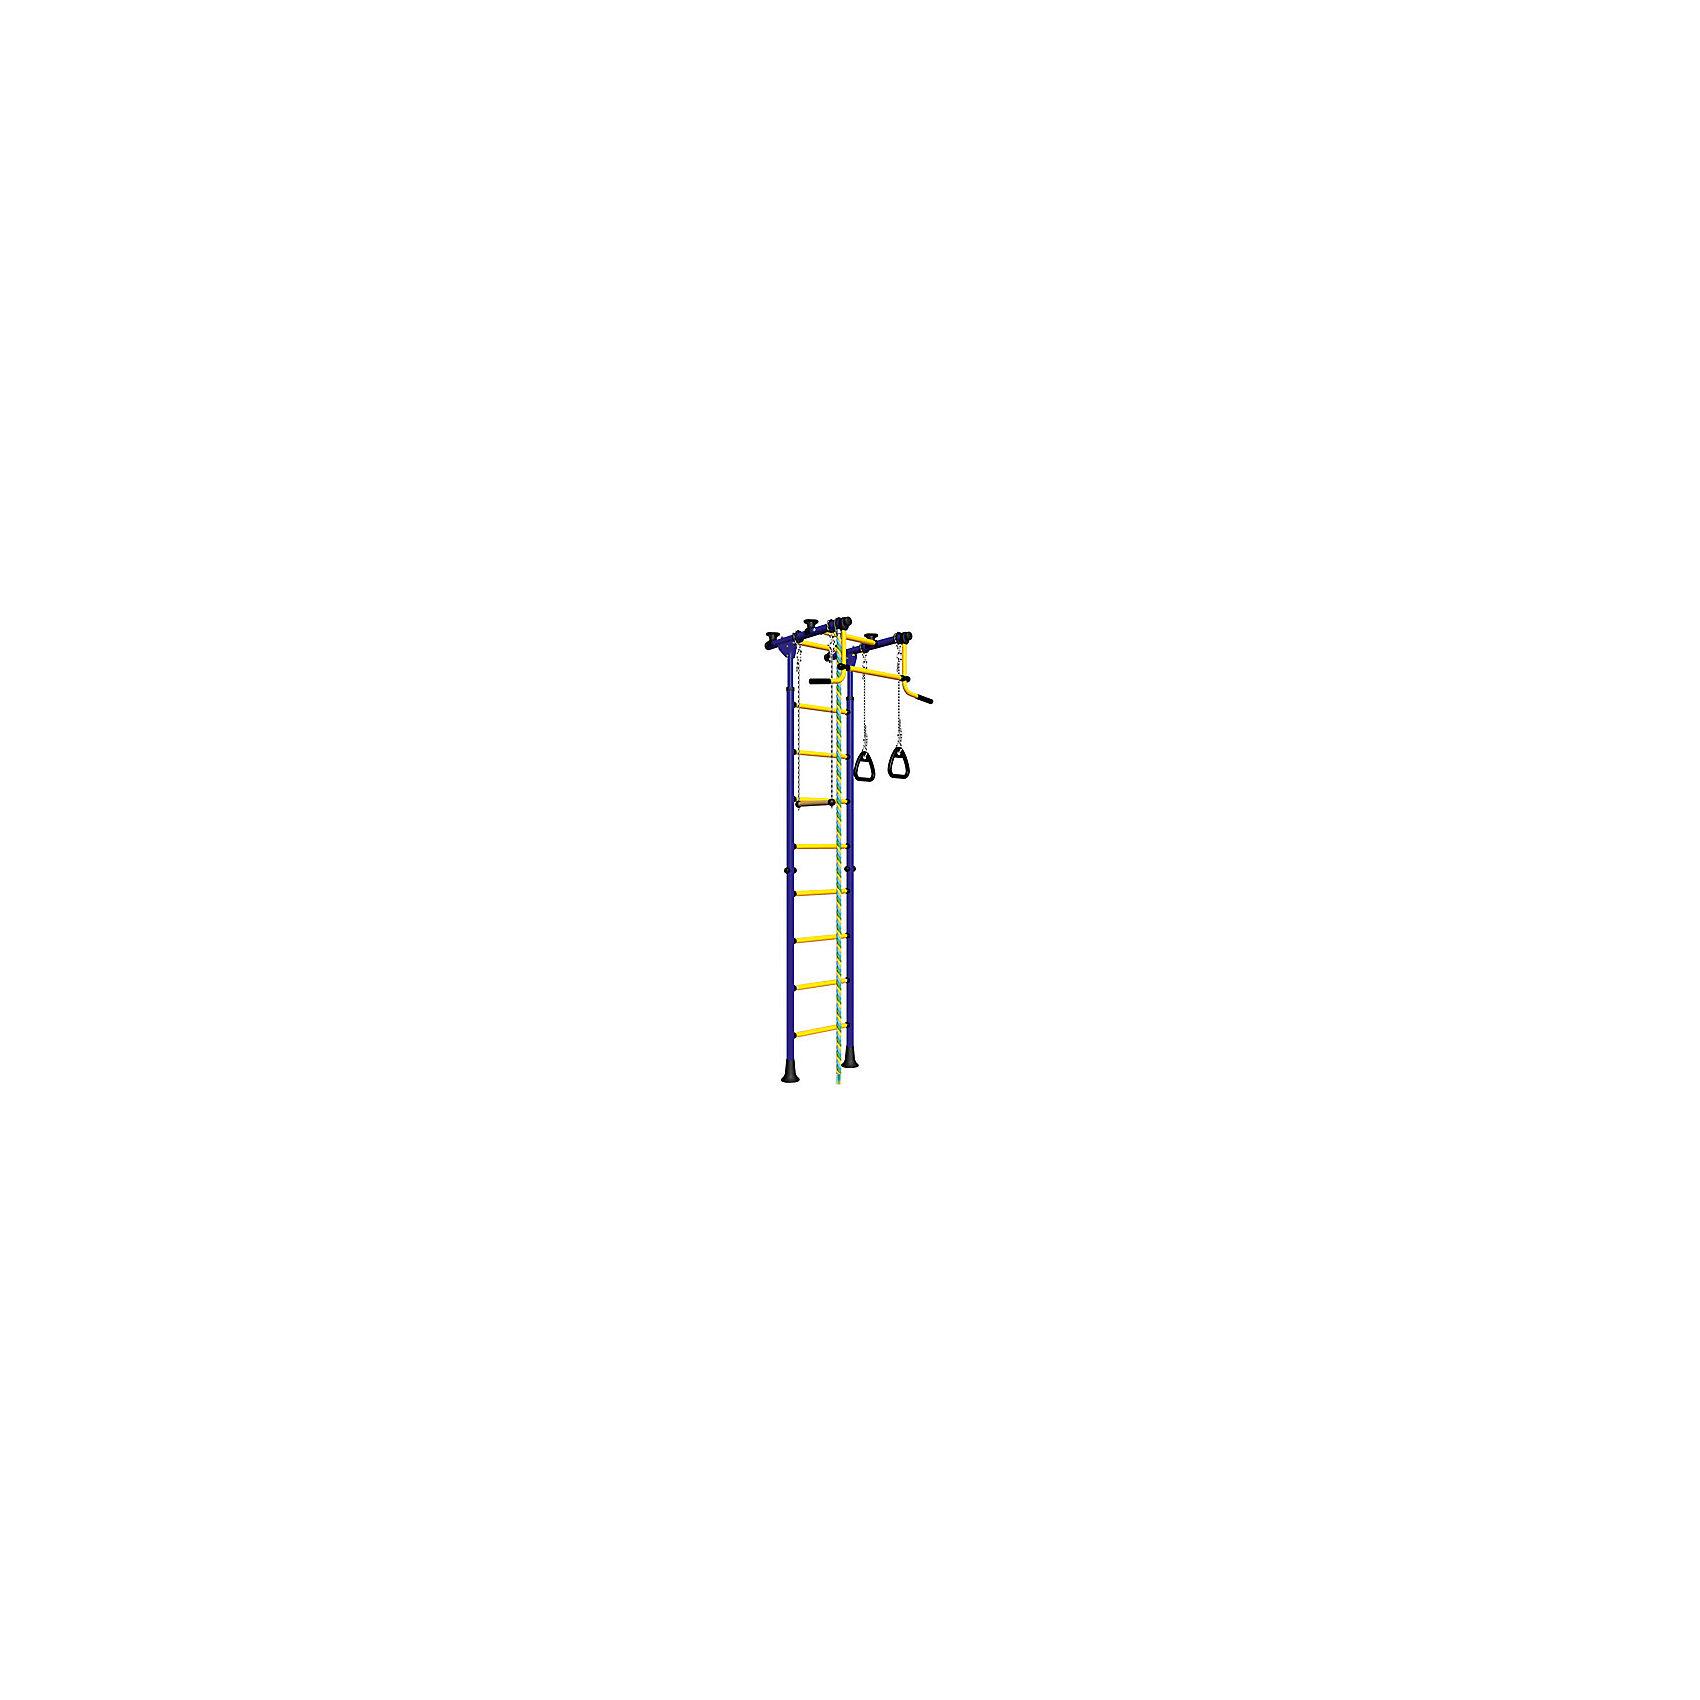 Шведская стенка Комета-2, ROMANA, синий-желтыйШведские стенки<br>Комета-2, ROMANA, синий-желтый.<br><br>Характеристики:<br><br>• Высота: 2,18 м<br>• Цвет: синий, желтый<br>• Допустимый вес: 100 кг<br>• Габариты: 86х94,5 см<br>• Материал: металл<br>• Возраст: от 3 лет<br>• Вес комплекса: 28 кг<br>• Высота стоек: 235-273 см<br>• Ширина ступенек: 49 см<br>• Ширина захвата турника: 84 см<br><br>Детский спортивный комплекс Комета-2 – поможет ребенку вырасти здоровым и крепким. Комплекс включает в себя турник, шведскую стенку, канат, подвесную перекладину и гимнастические кольца. Это все способствует развитию всех групп мышц. Выполнено все из качественного и прочного металла. Стенку легко установить враспор между потолком и полом, и не нужно сверлить стену. Турник не регулируется по высоте. Перекладины с анти-скользящим покрытием, ступени не охлаждаются.<br><br>Комета-2, ROMANA, синий-желтый можно купить в нашем интернет-магазине.<br><br>Ширина мм: 1160<br>Глубина мм: 535<br>Высота мм: 140<br>Вес г: 25000<br>Возраст от месяцев: 36<br>Возраст до месяцев: 192<br>Пол: Унисекс<br>Возраст: Детский<br>SKU: 4993363